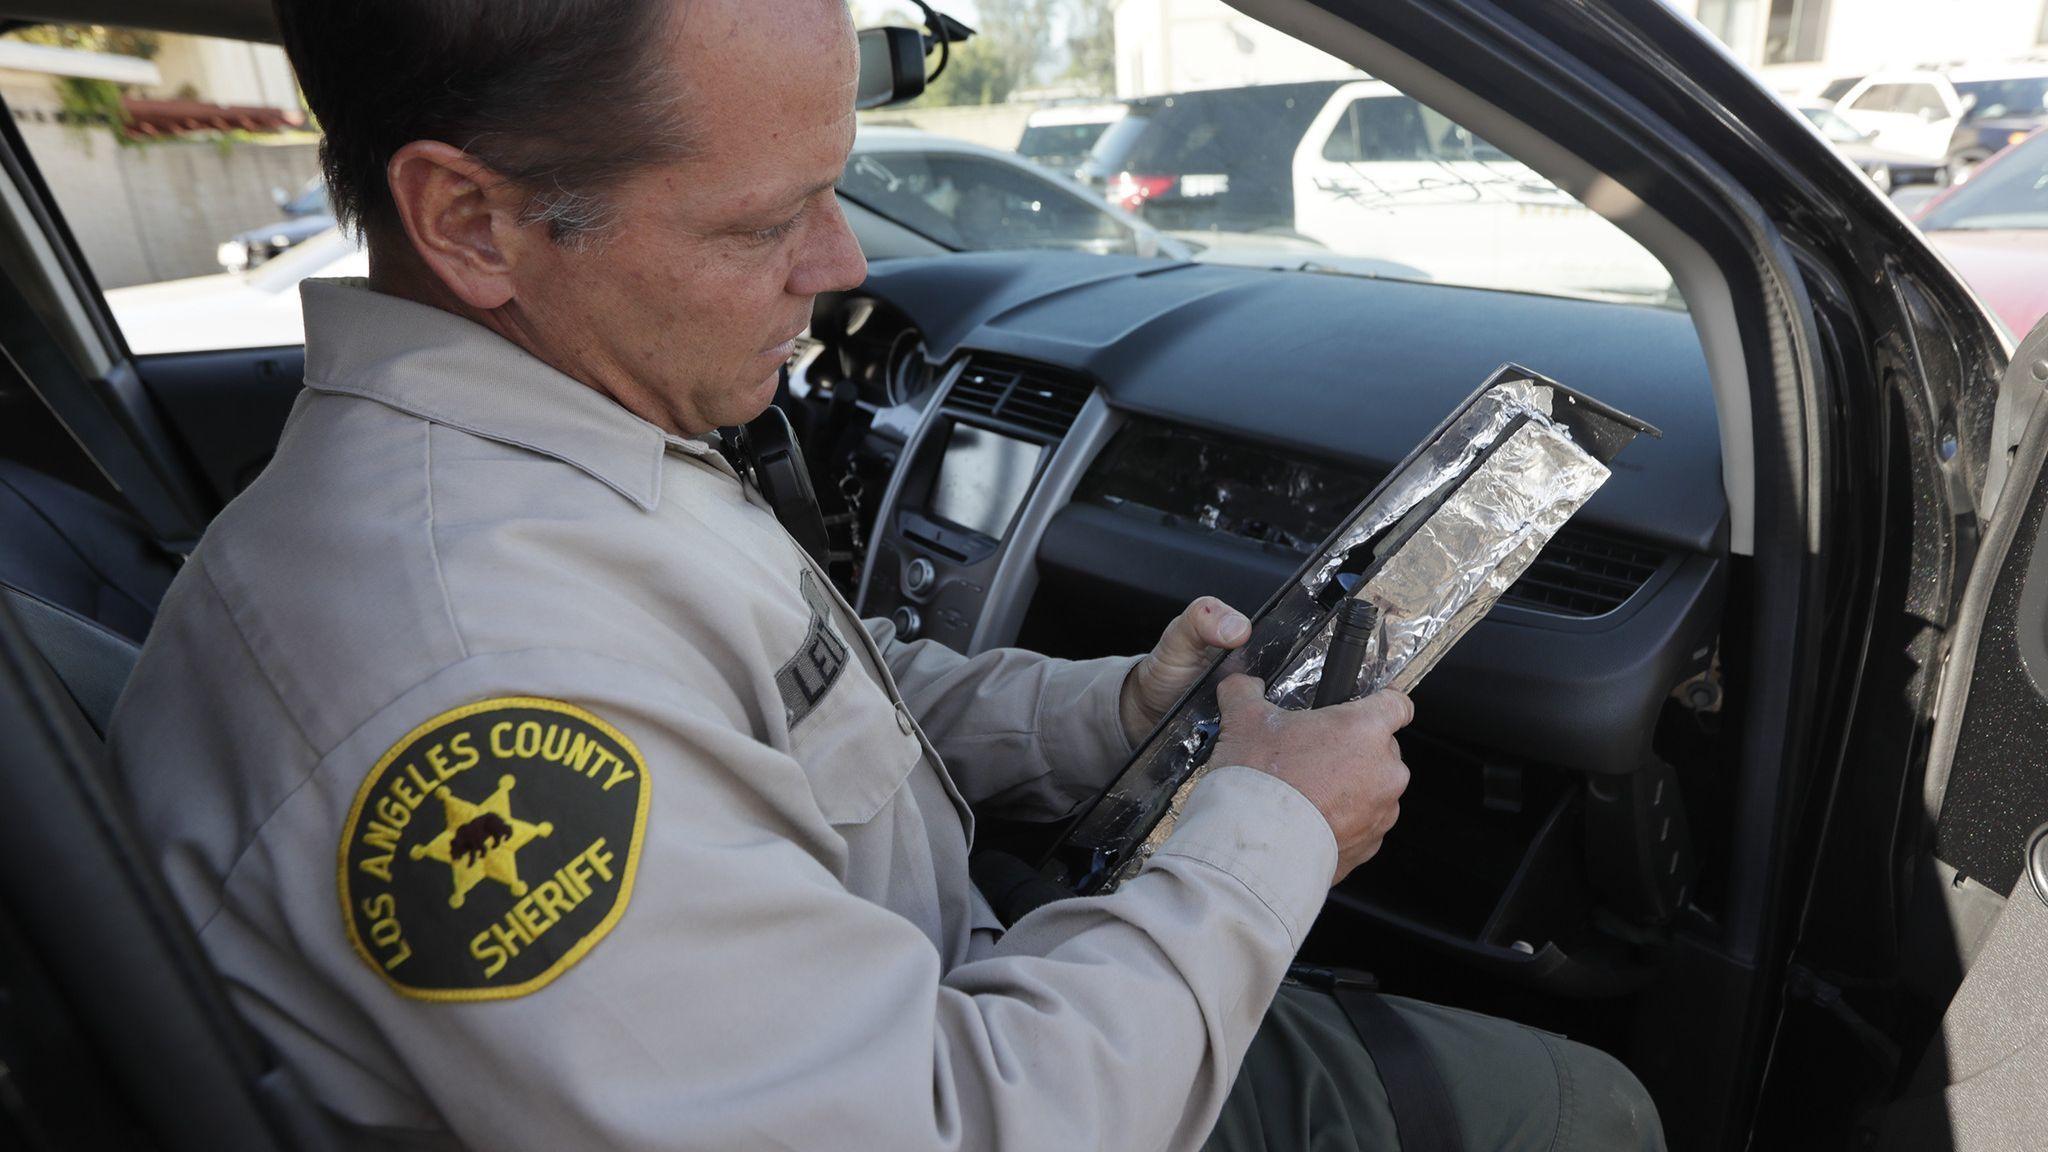 Deputy John Leitelt